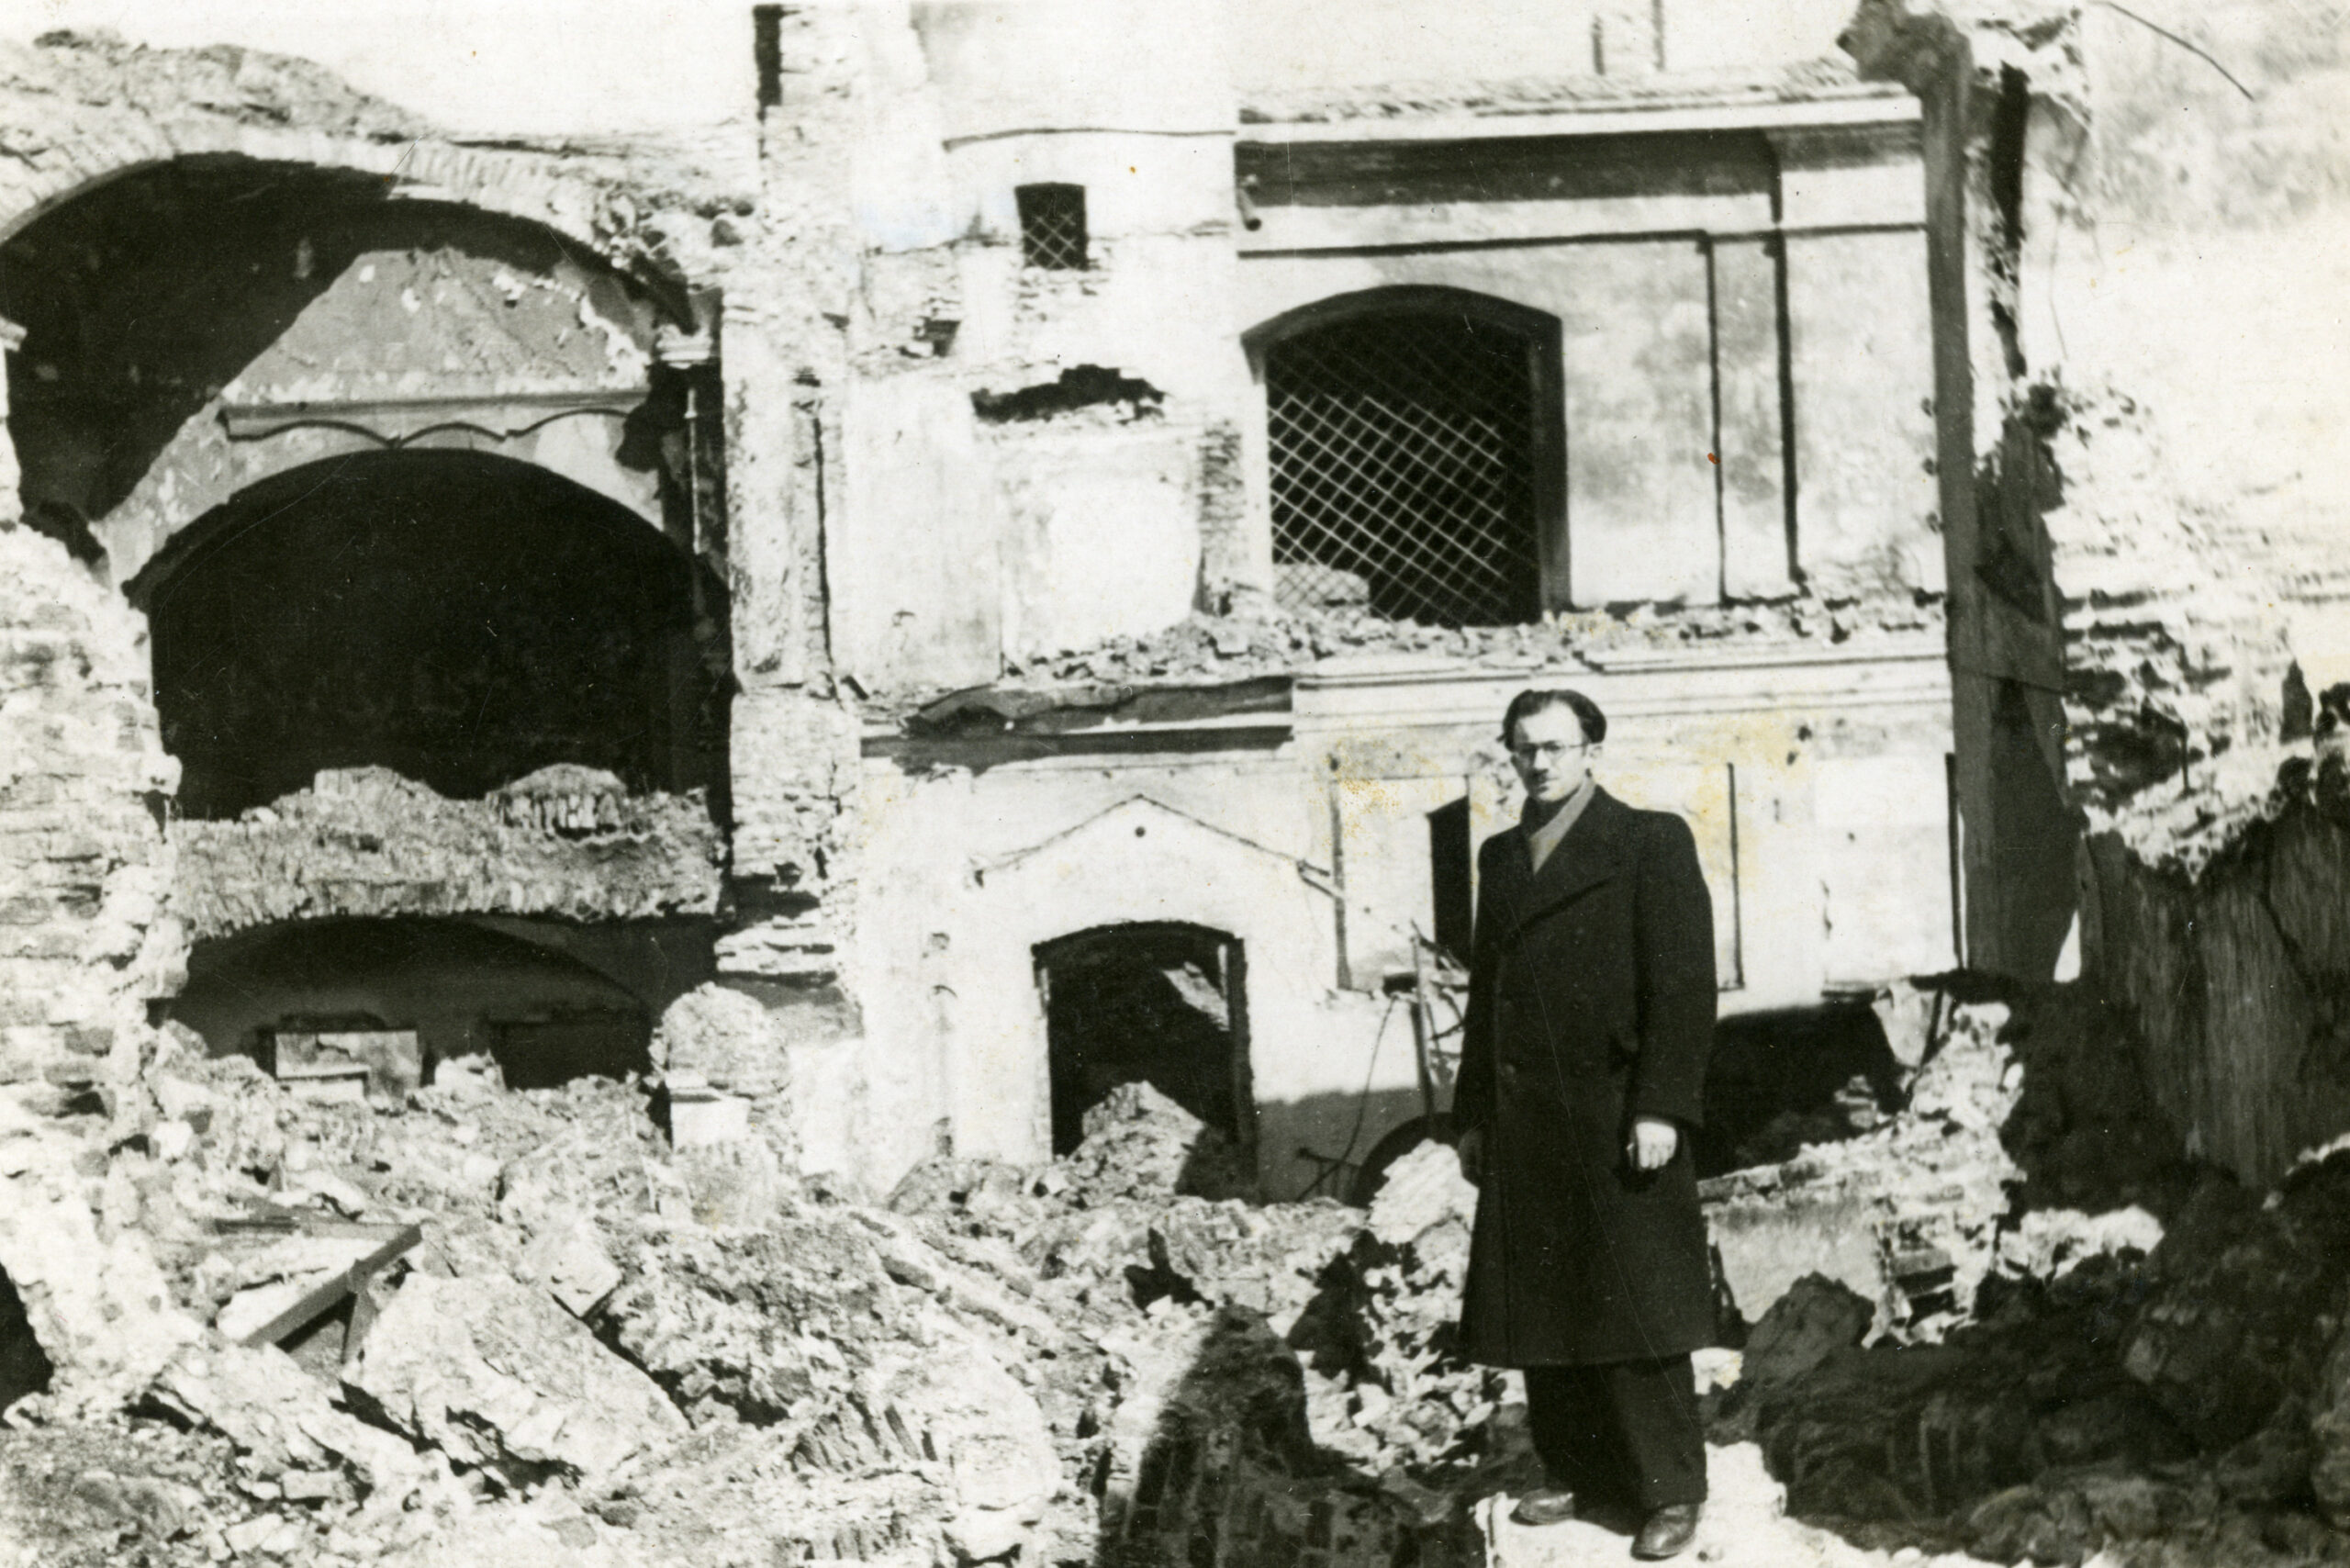 Žmogus stovi prie griuvėsių.